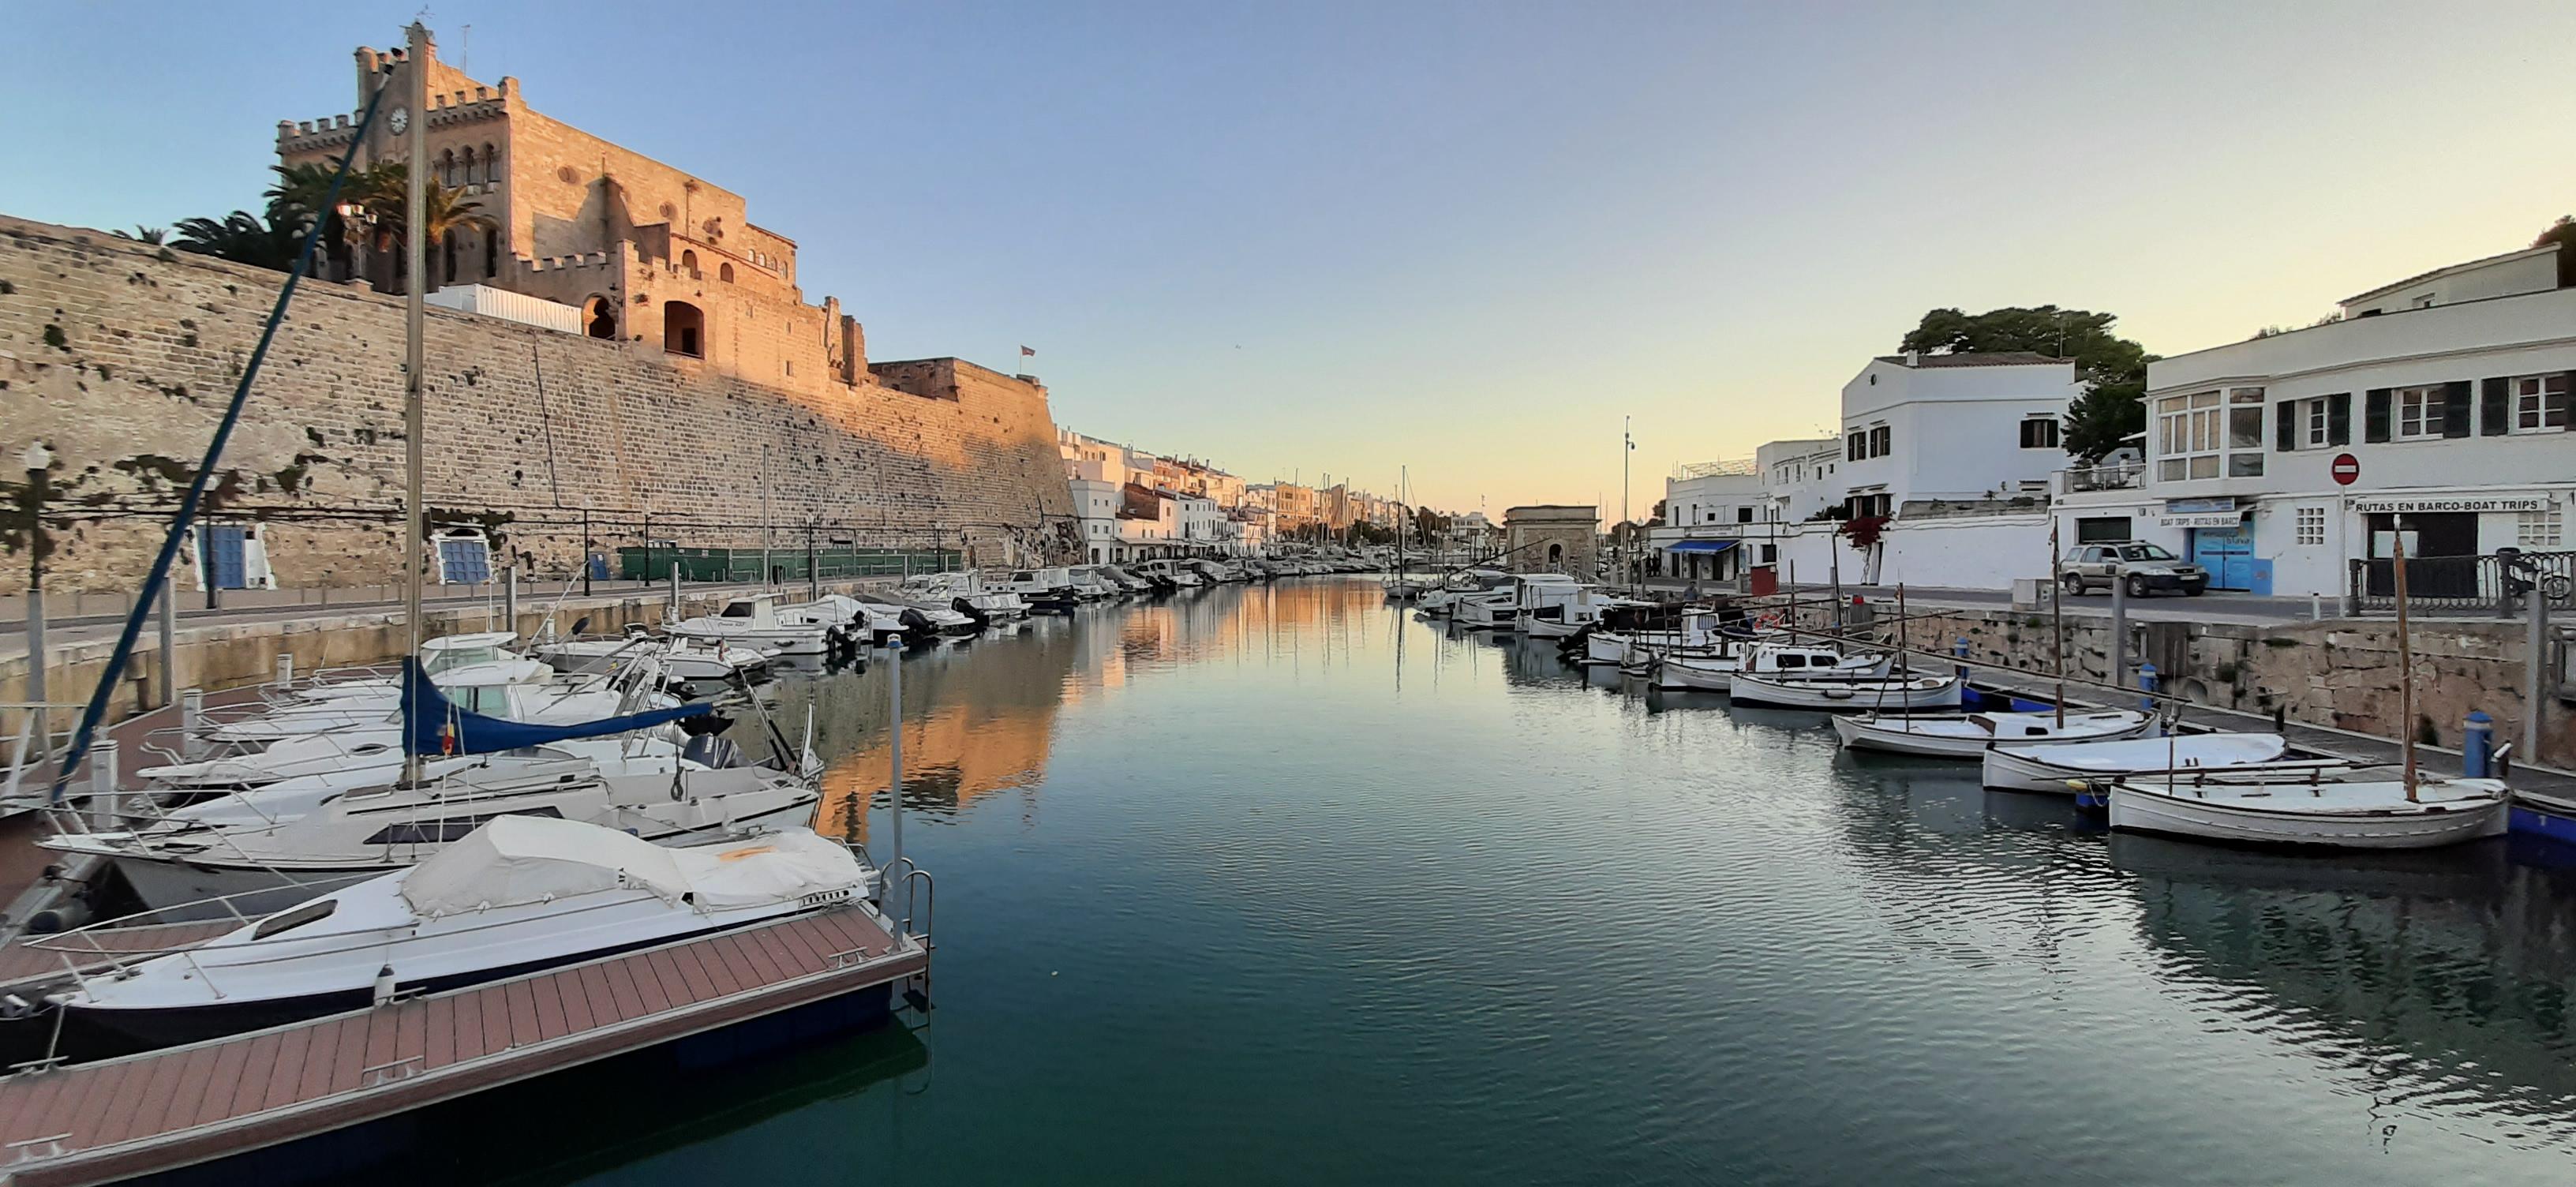 Ciutadella, Menorca, 7 mayo 2021